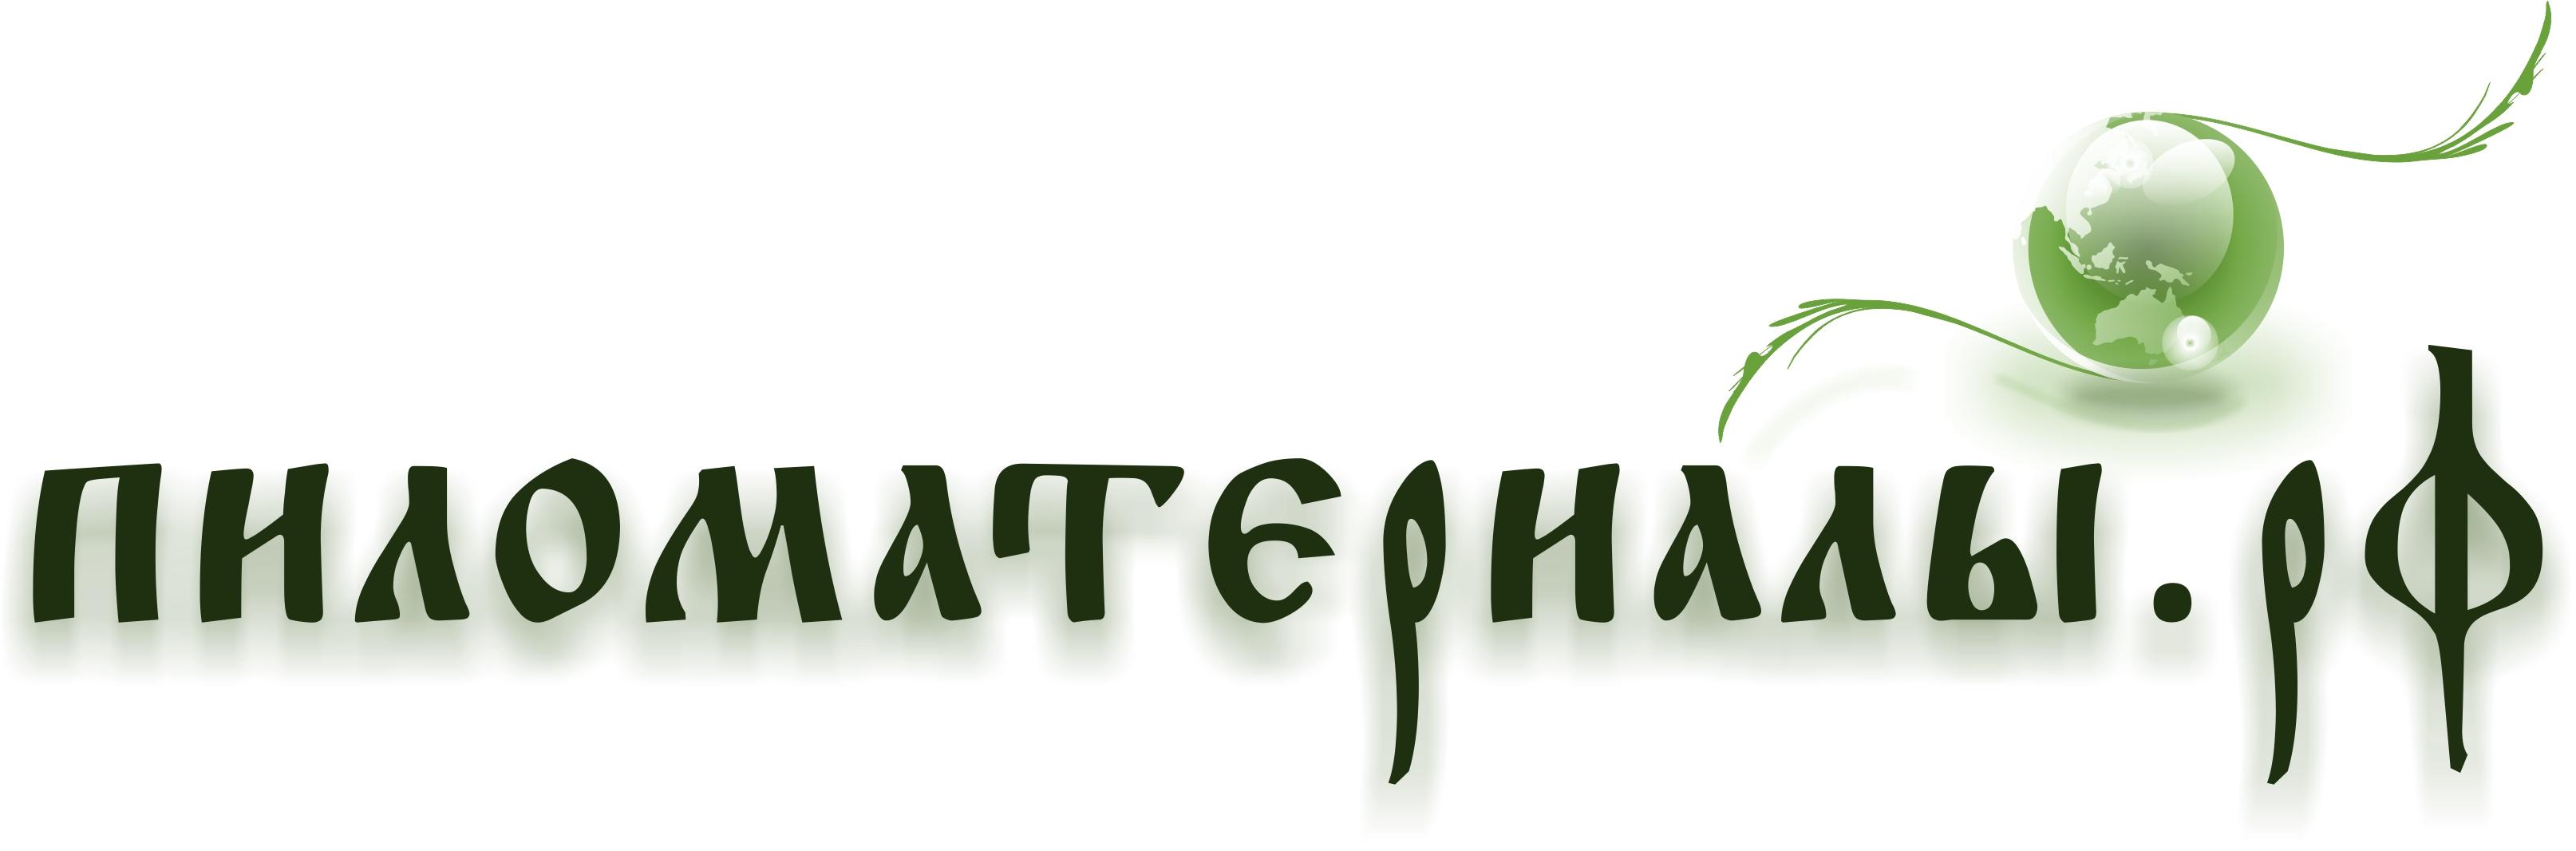 """Создание логотипа и фирменного стиля """"Пиломатериалы.РФ"""" фото f_83652f1384a11221.jpg"""